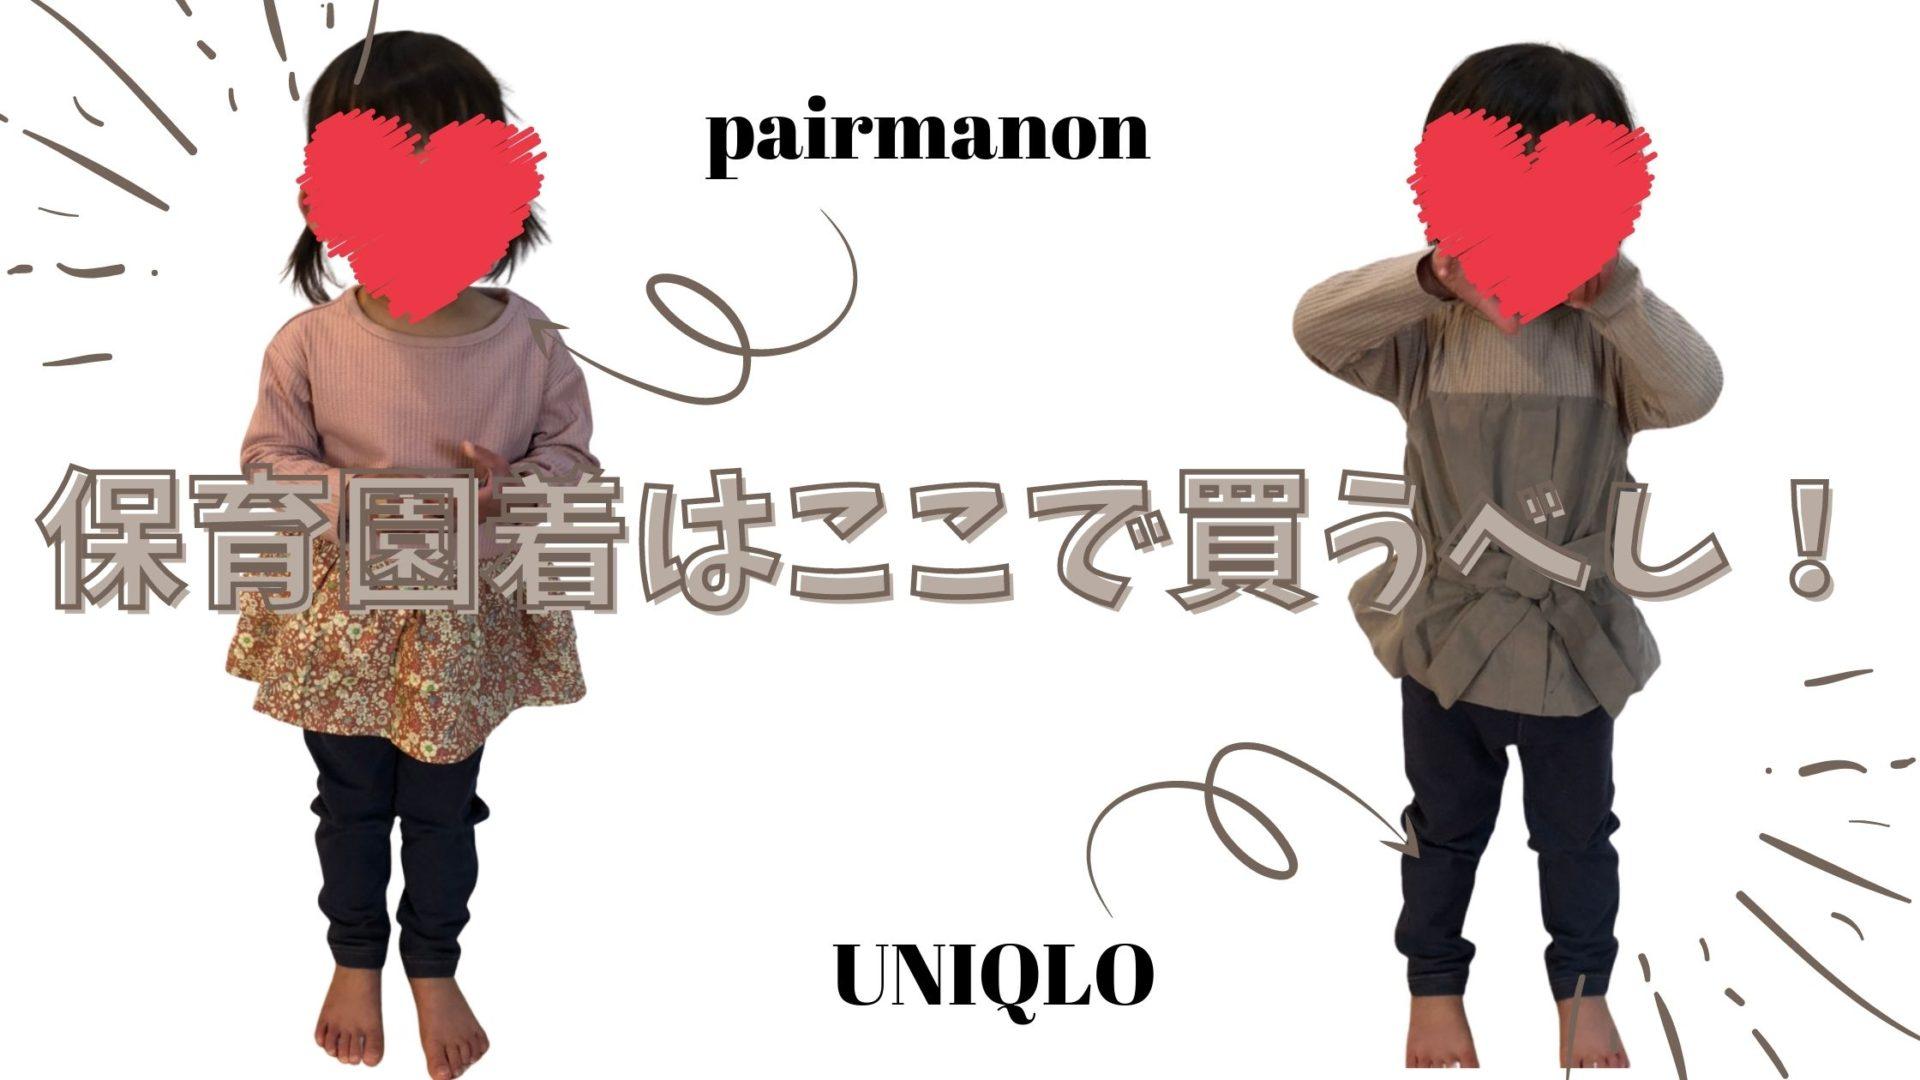 保育園着はペアマノンとユニクロで決まり